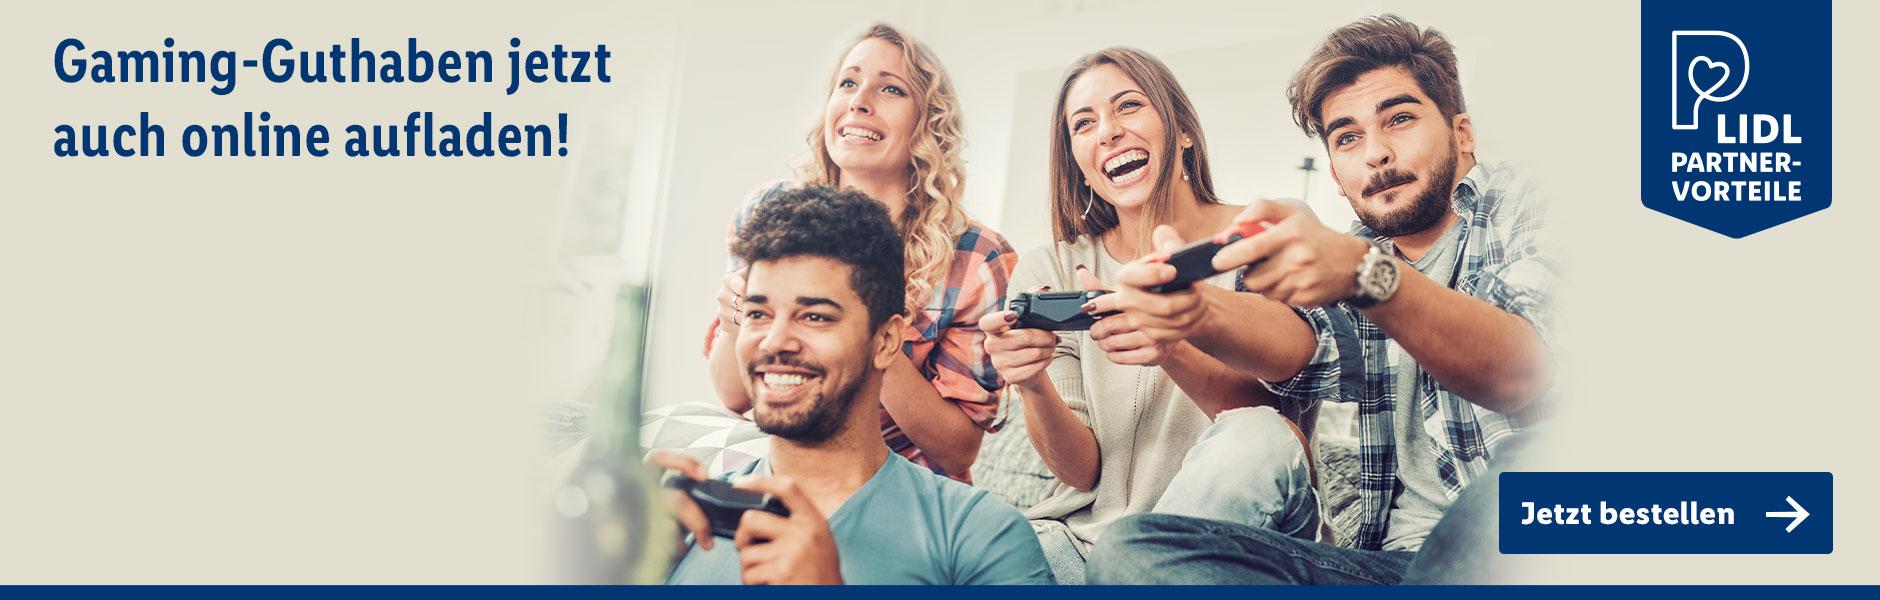 Jetzt Gaming-Guthaben online aufladen!